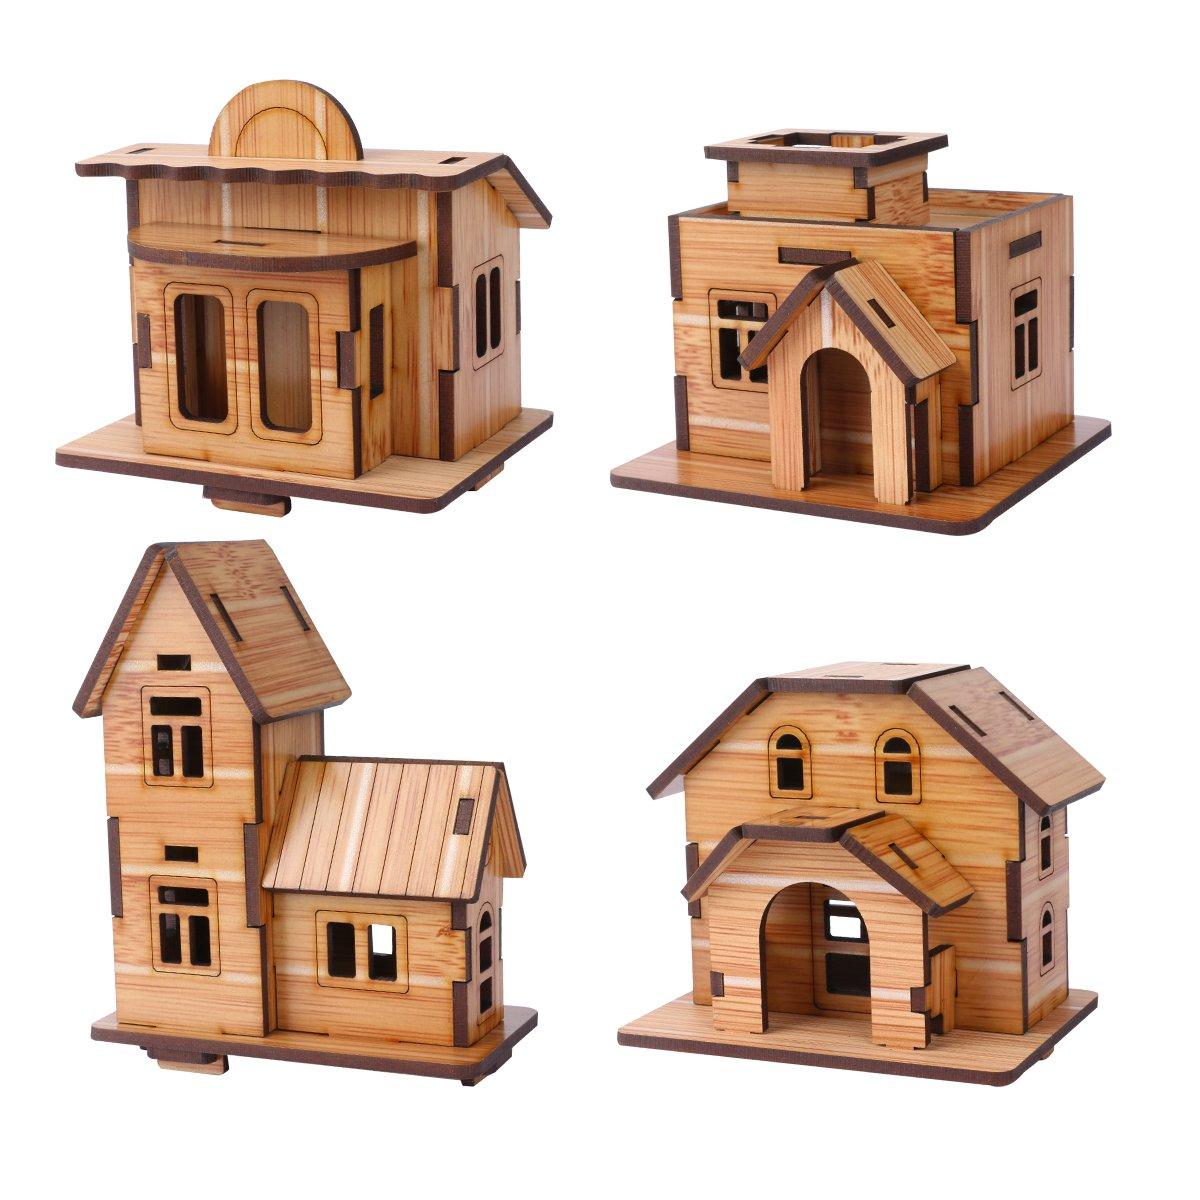 ZOSEN® 3D Wooden Puzzle - Mini House Model - EducationalToys 3D Puzzle Gift for Children (4 pieces) OEC